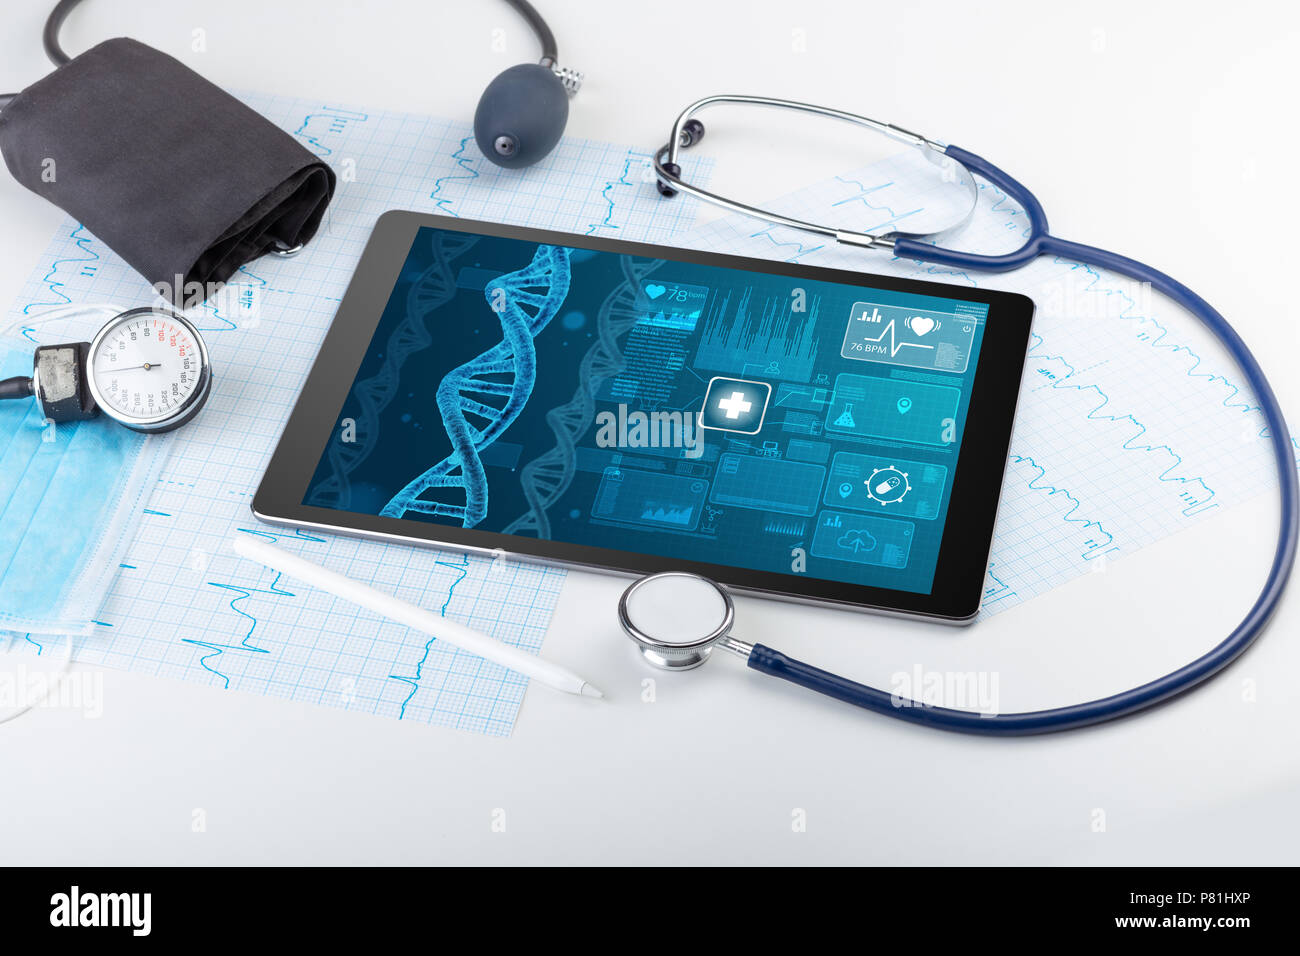 Prueba genética y biotecnología concepto con dispositivos de tecnología médica Imagen De Stock